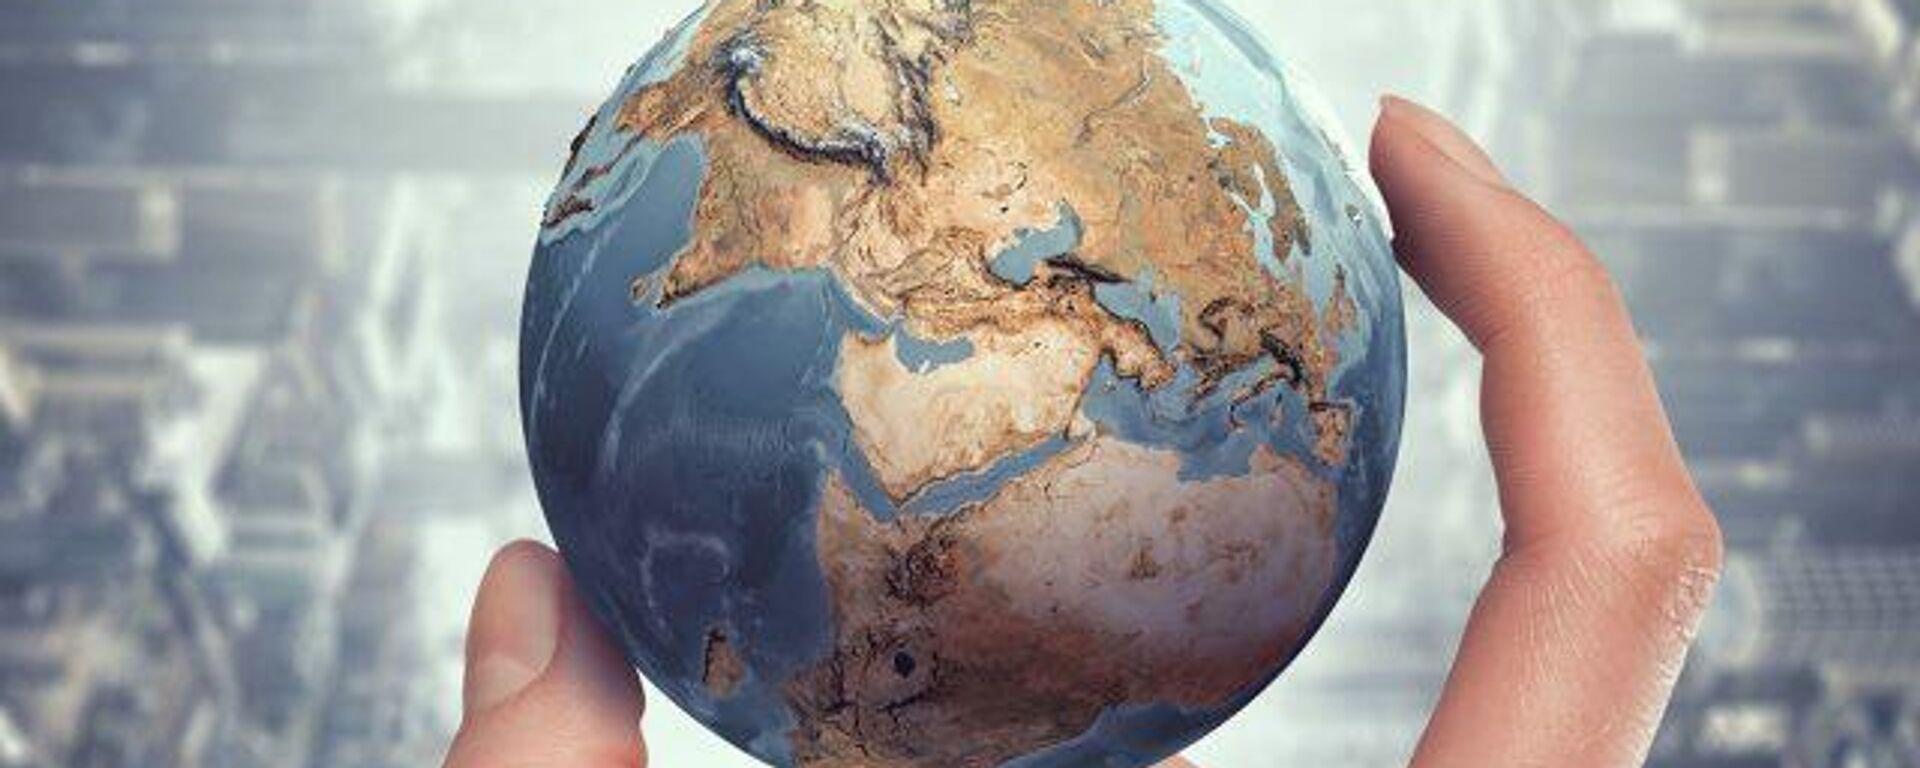 Terrorismo en África: ¿se acerca el fin de Boko Haram? - Sputnik Mundo, 1920, 03.09.2021